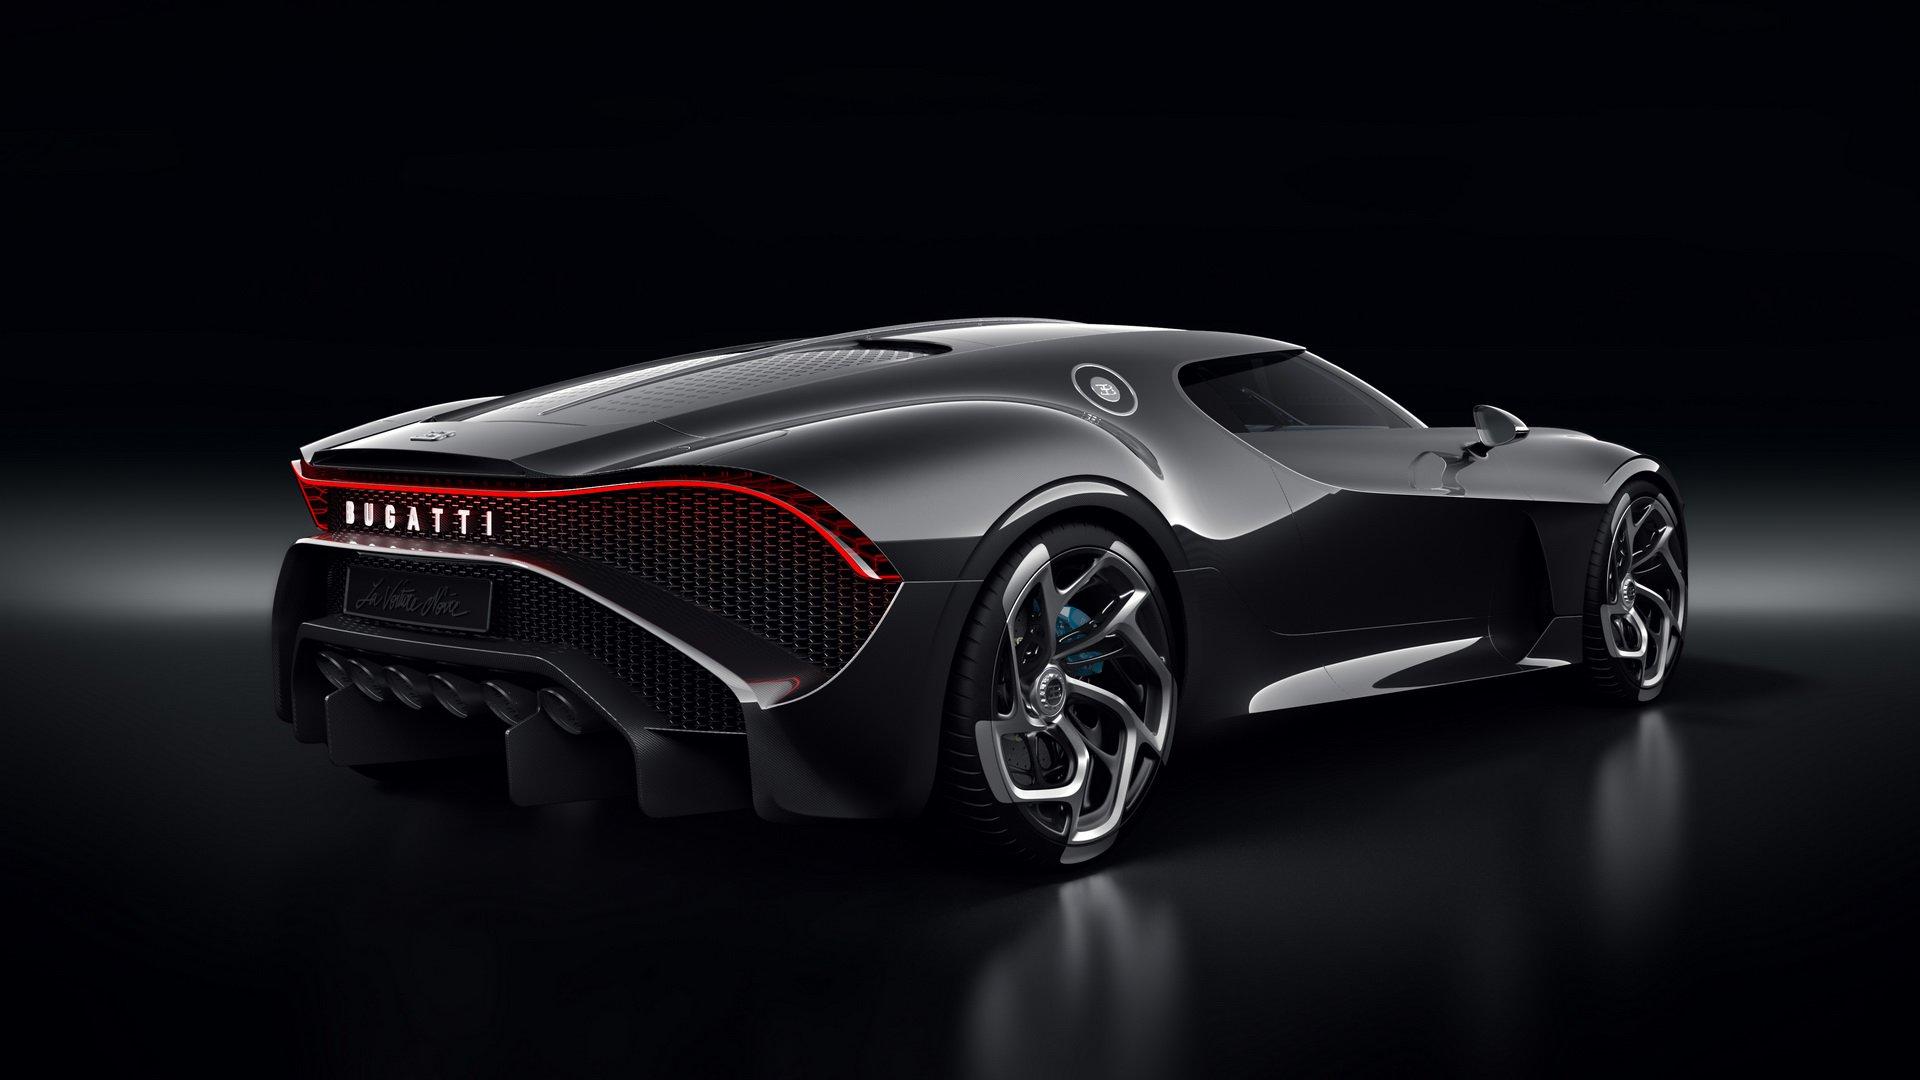 Bugatti-La-Voiture-Noire_acsptours2